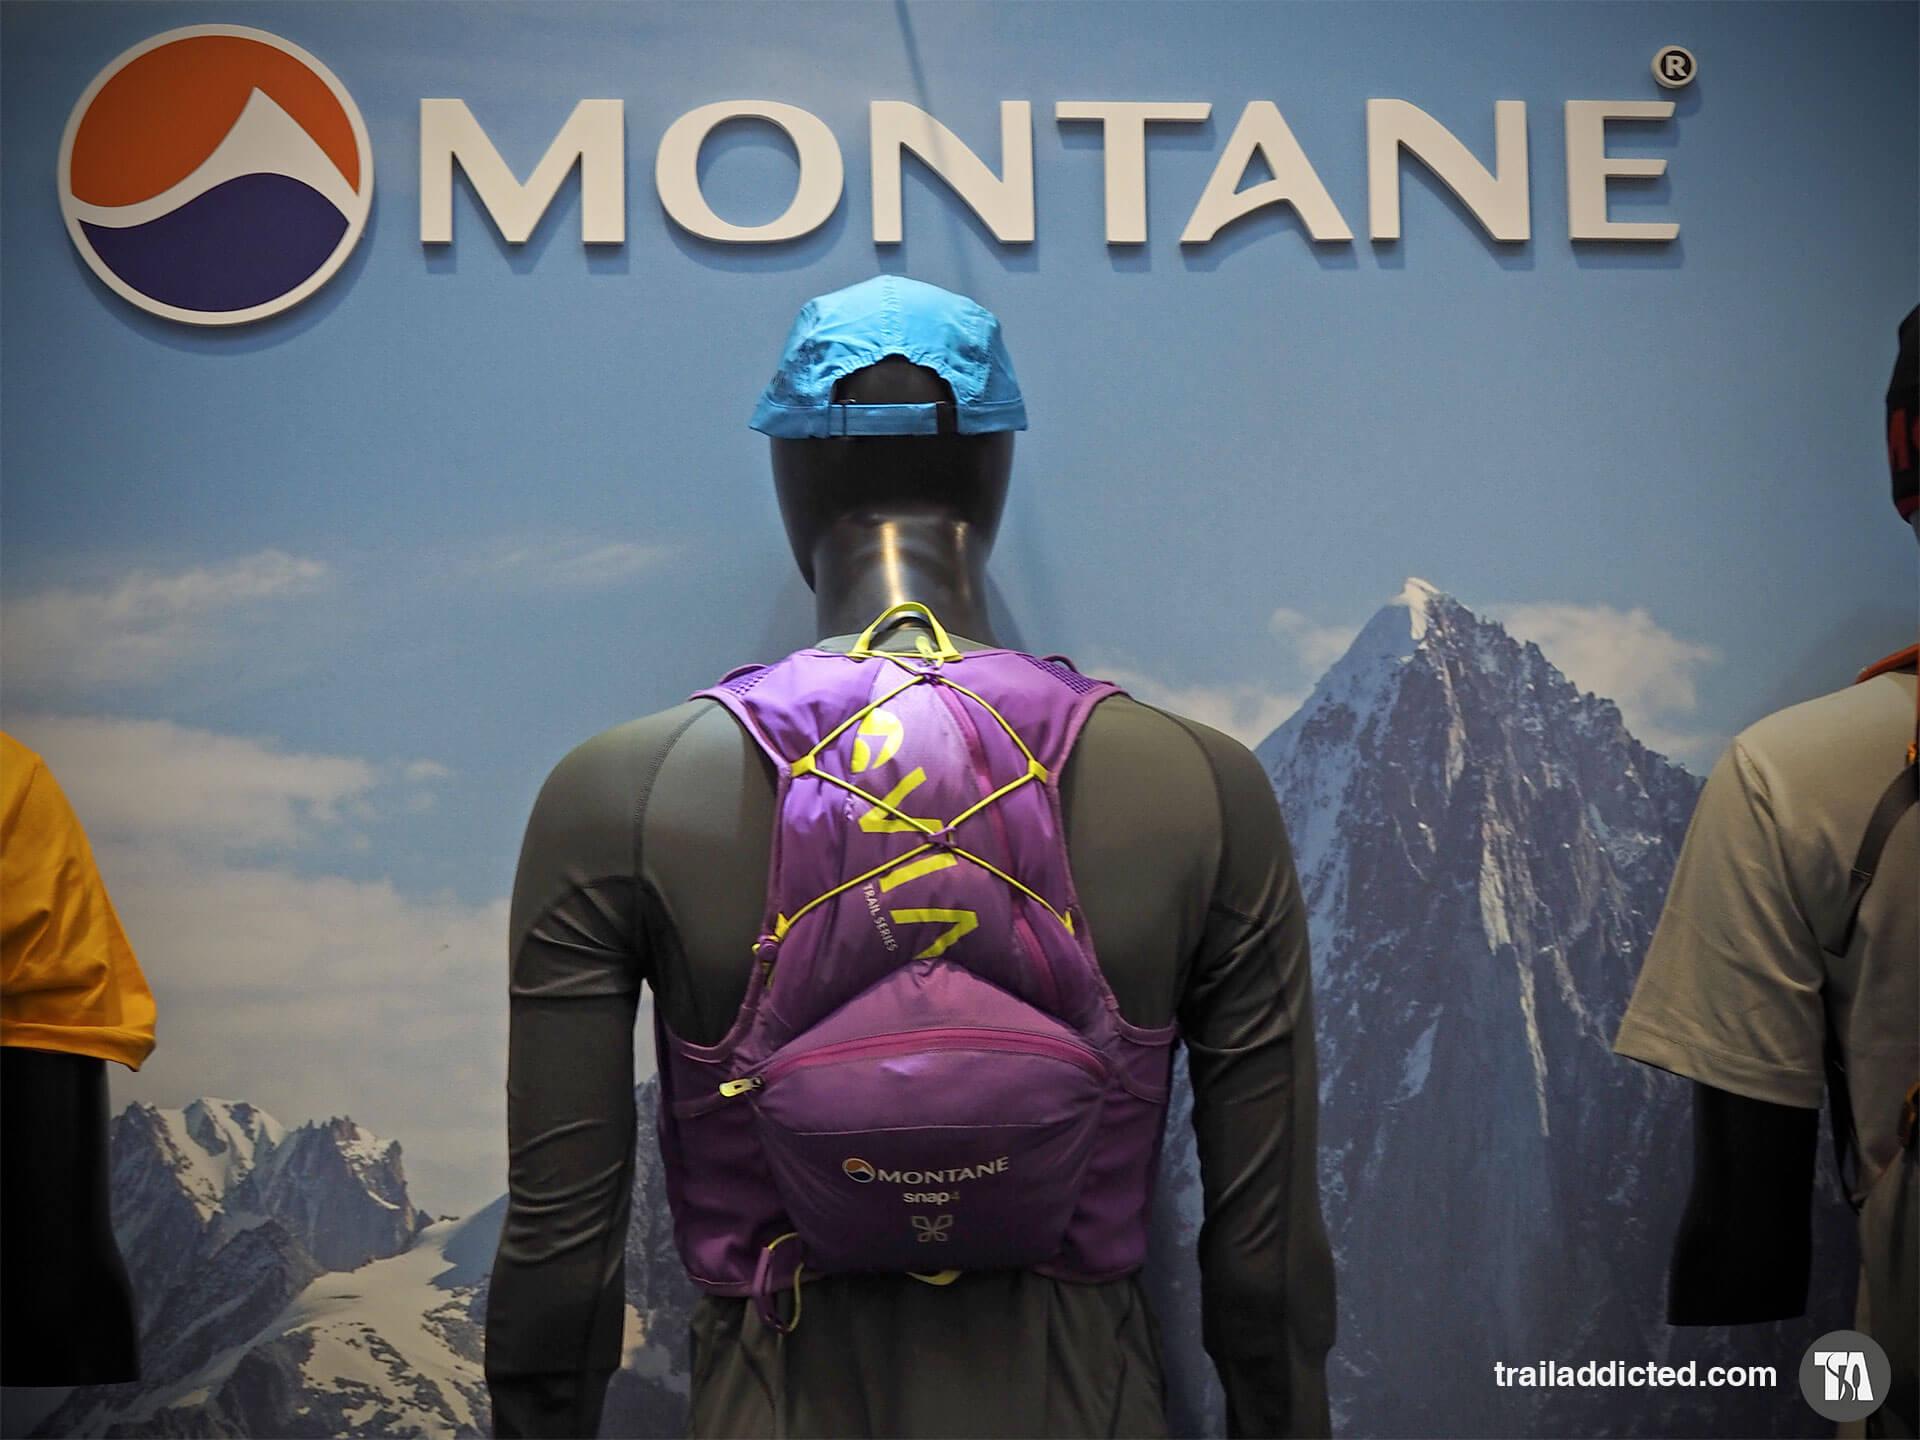 Collezione Montane 2016